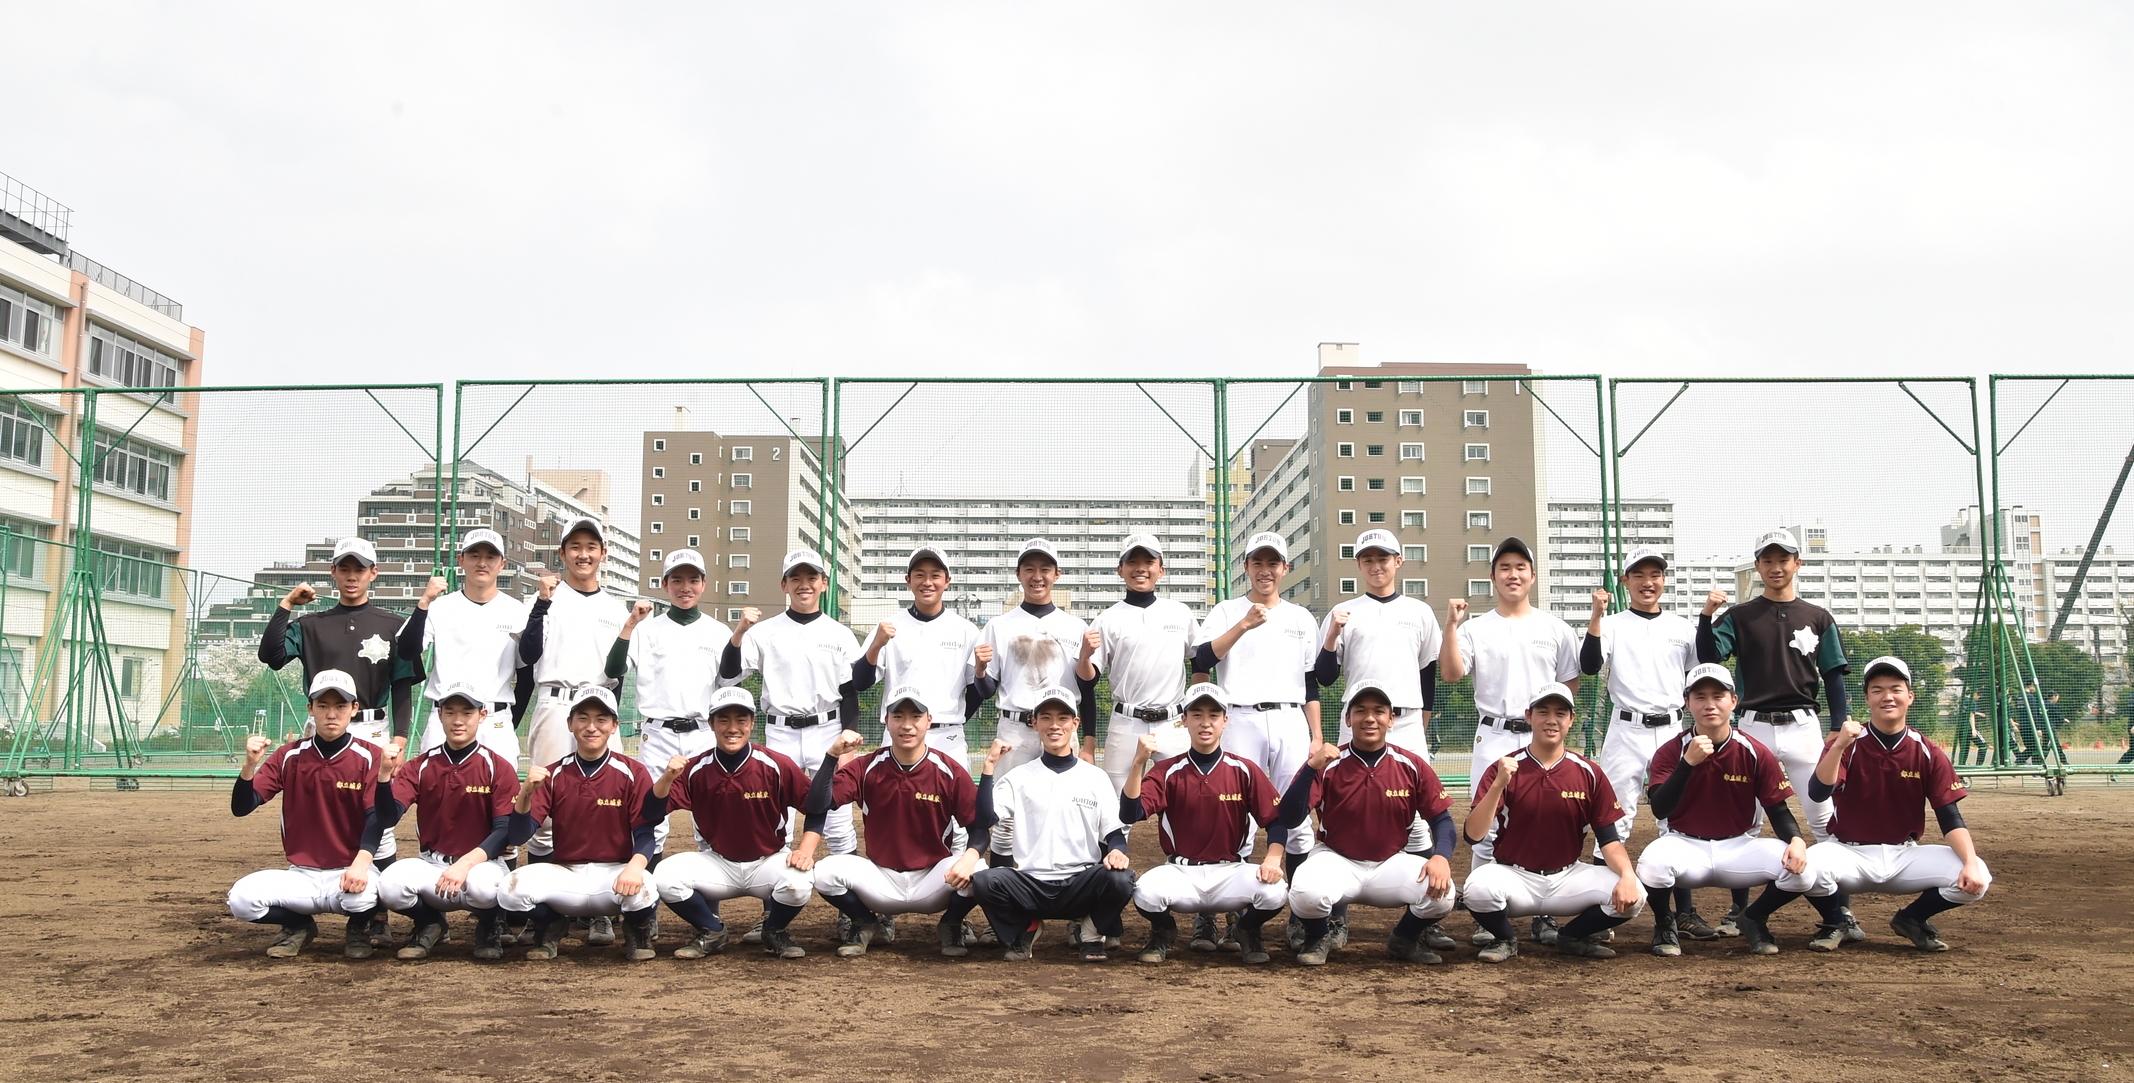 【城東 野球部】「結」  #城東